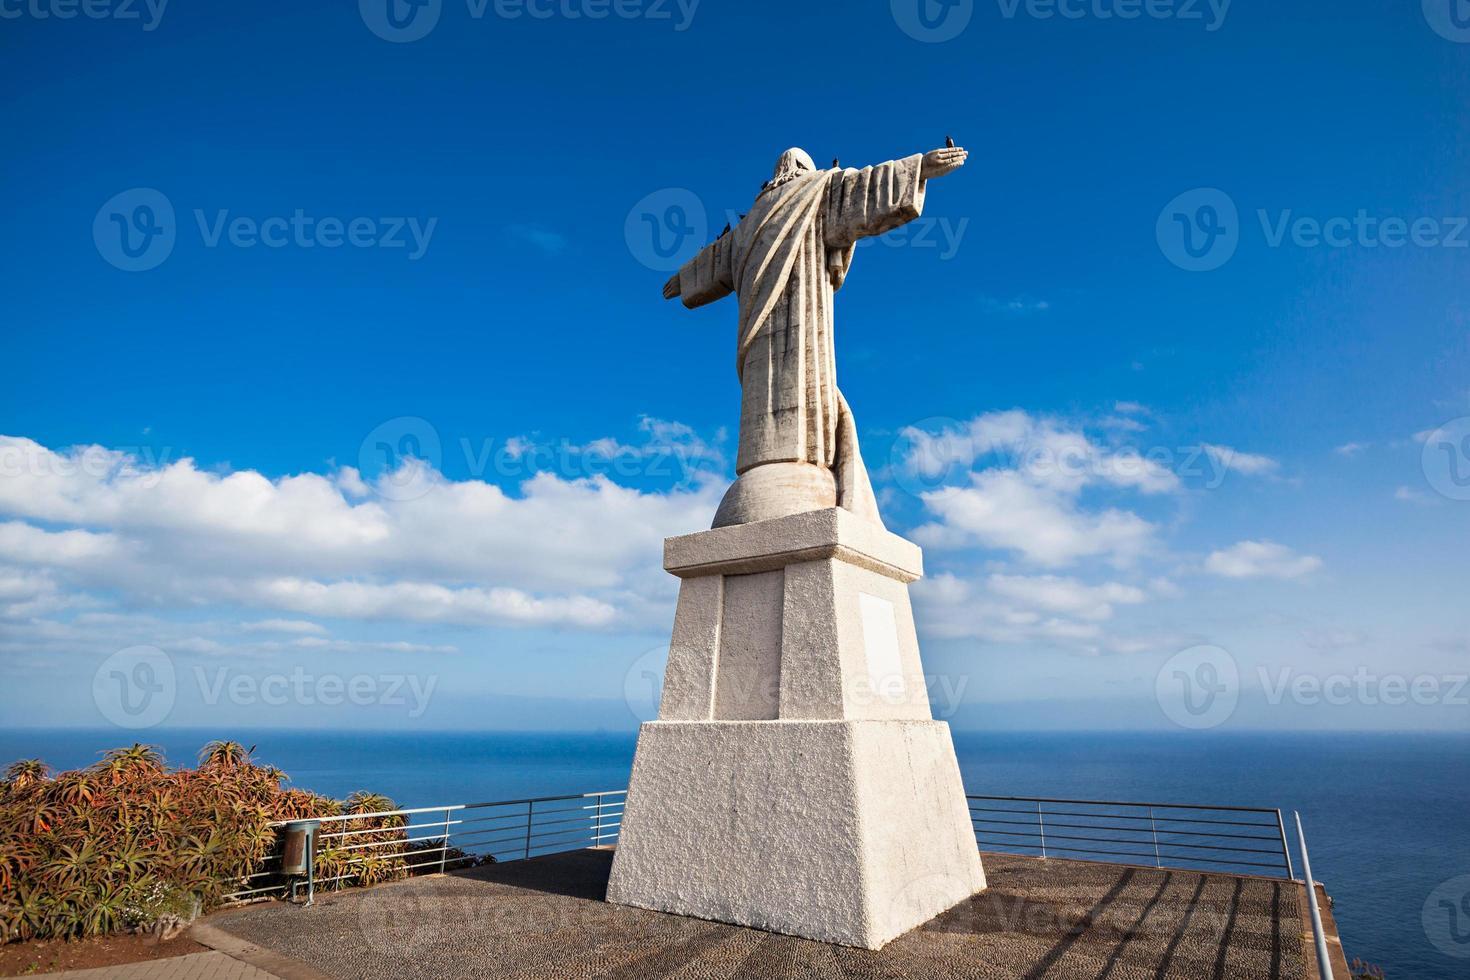 Kristus kungstatyn på ön Madeira, Portugal foto